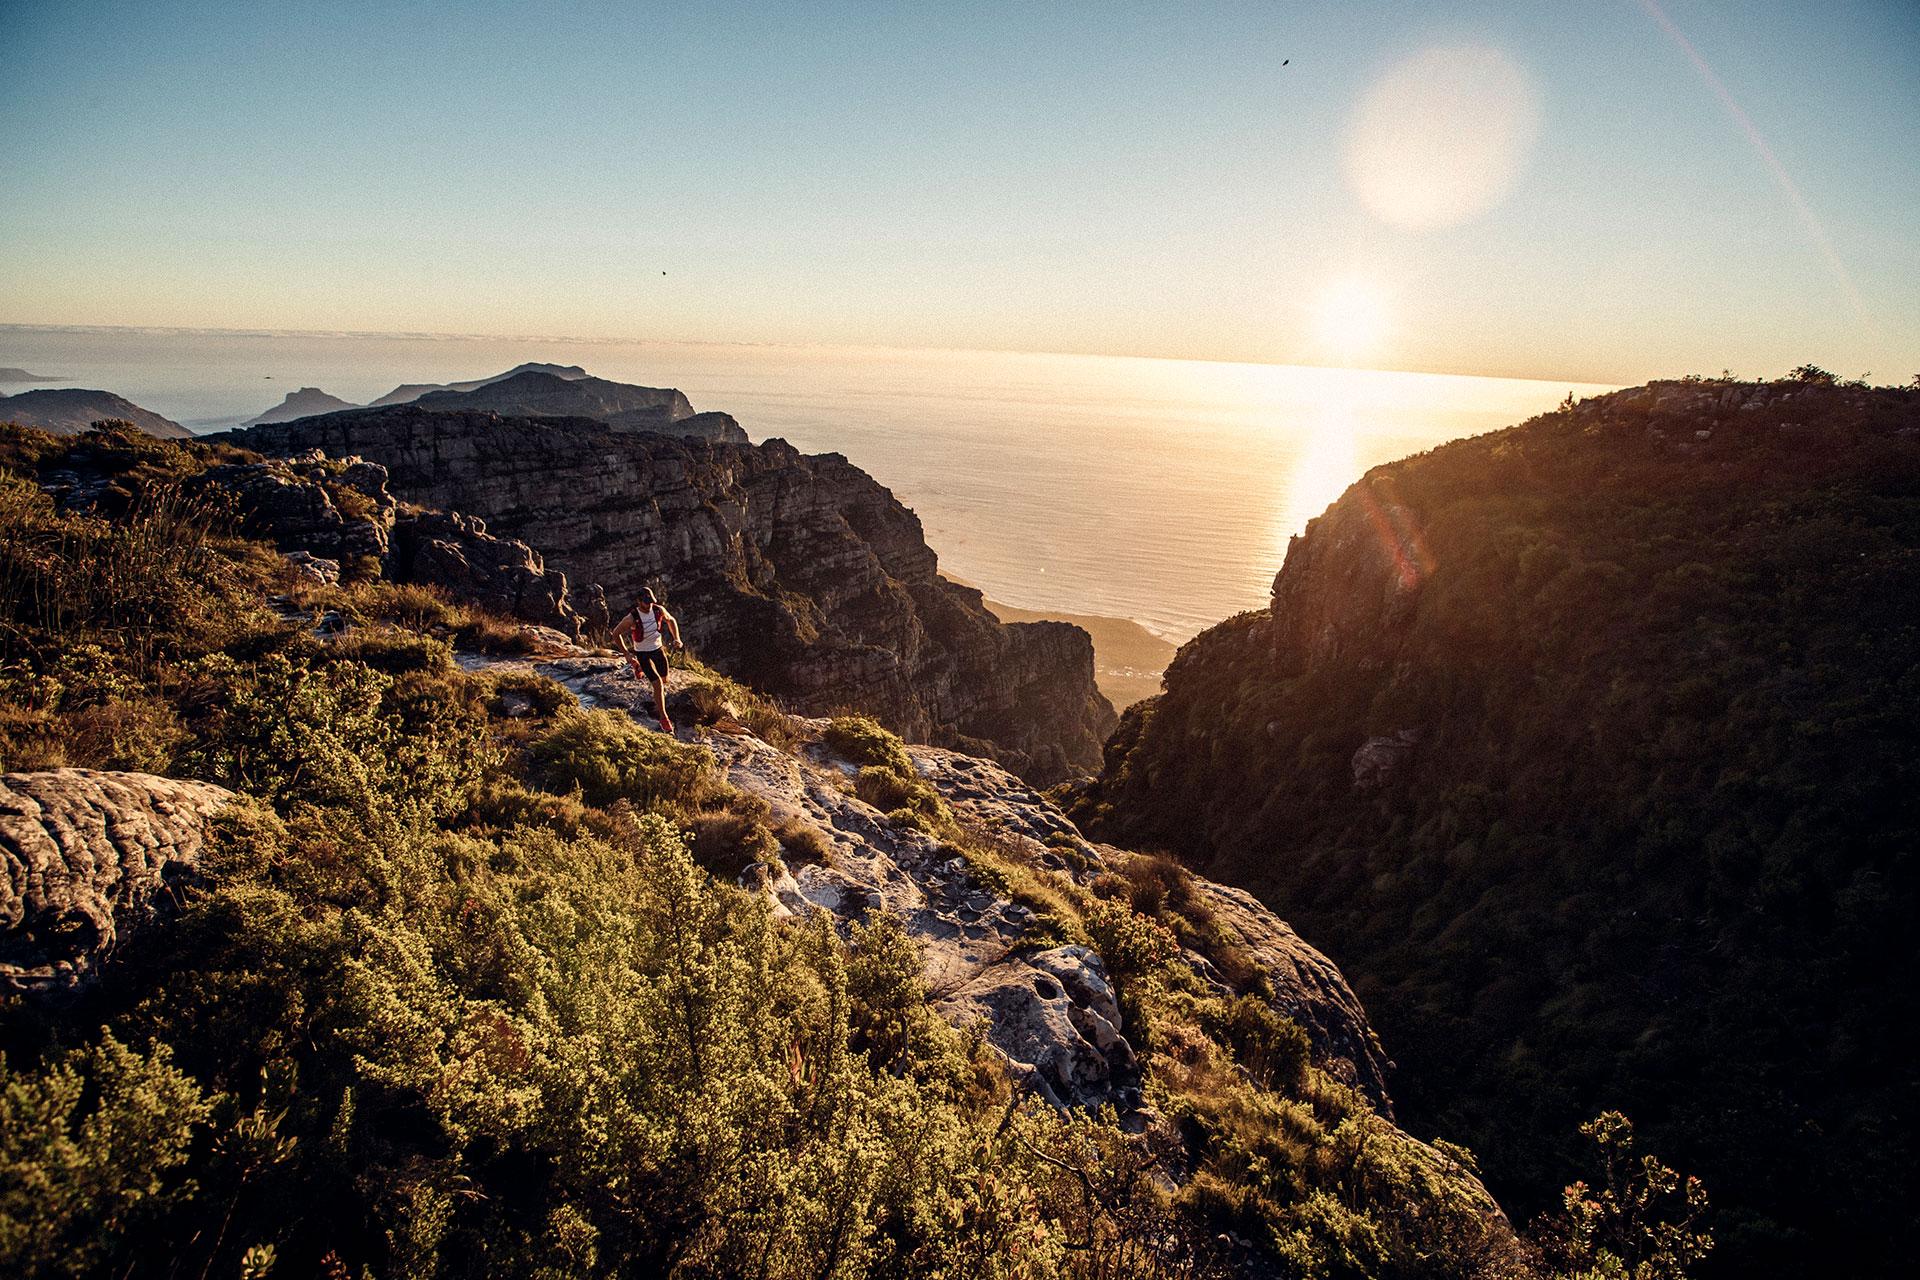 Sonnenaufgang Fotoproduktion Landschaft Panorama Sportbekleidung Engelhorn